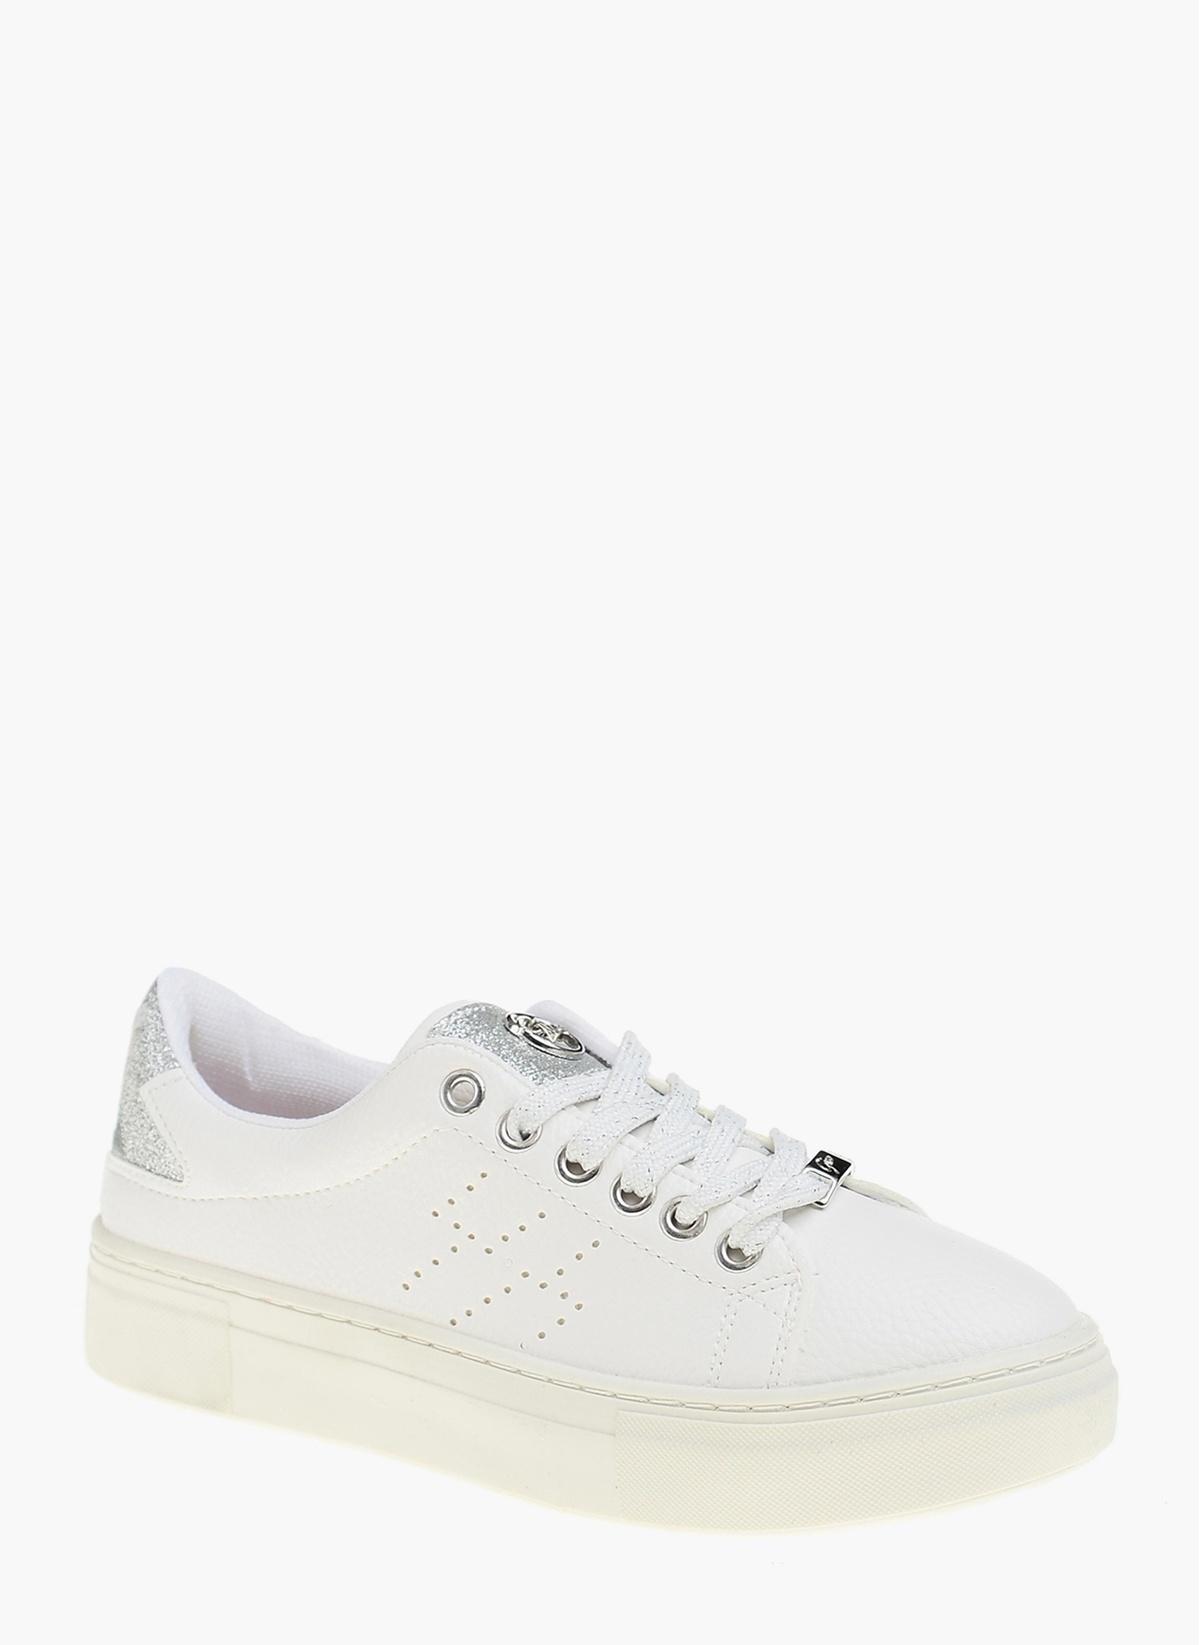 Divarese Lifestyle Ayakkabı 5021193 K Sneaker – 119.0 TL